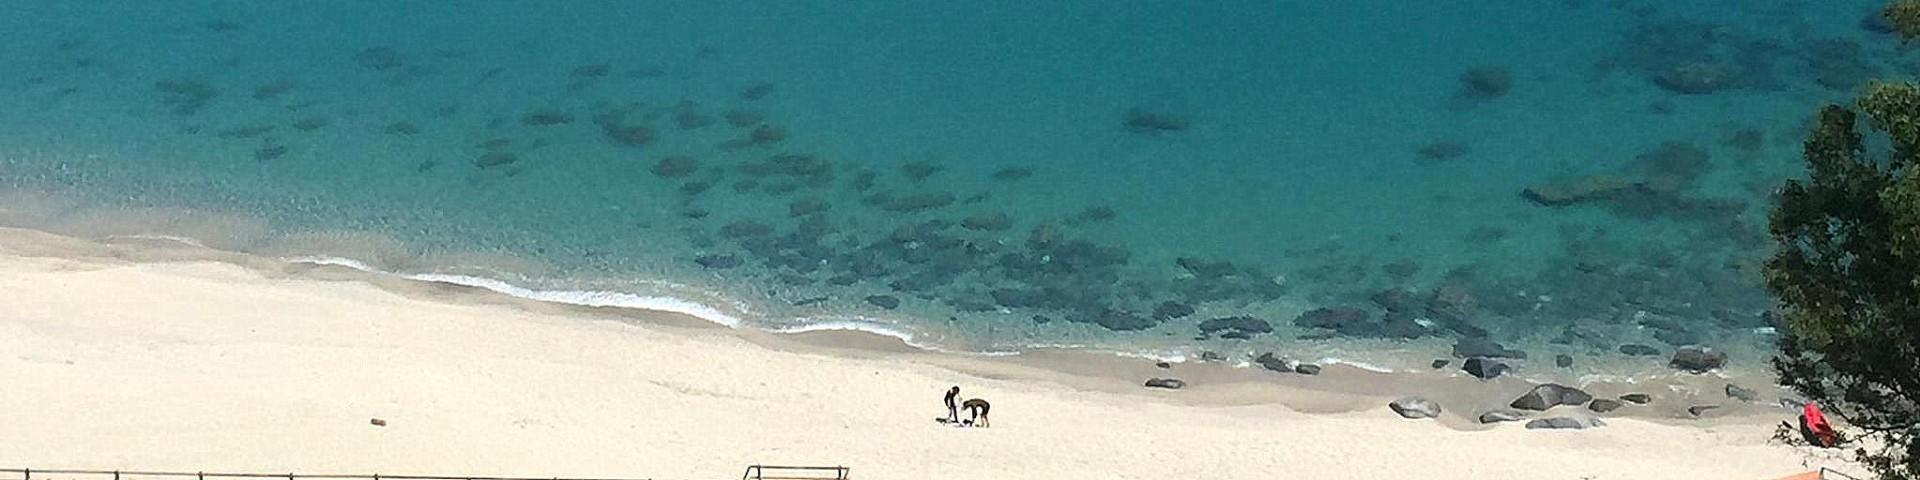 Squillace Lido, krásné písčité pláže a průzračné moře